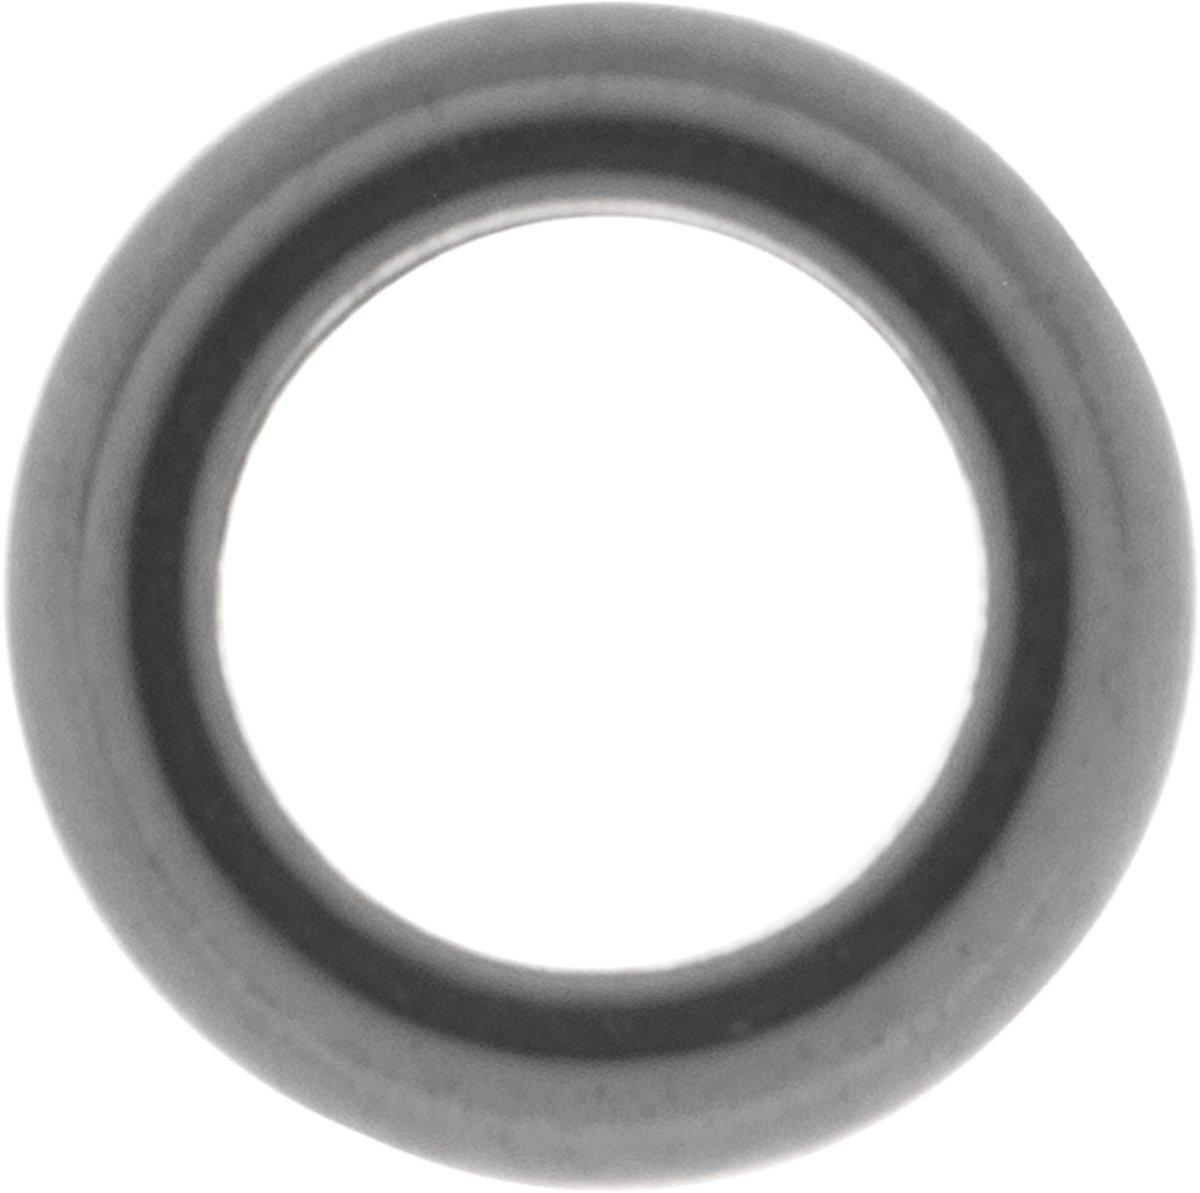 e6c16a1c779 Tussenstuk met Oog (Binnenmaat 3 mm) Antiek Zilver (10 Stuks)